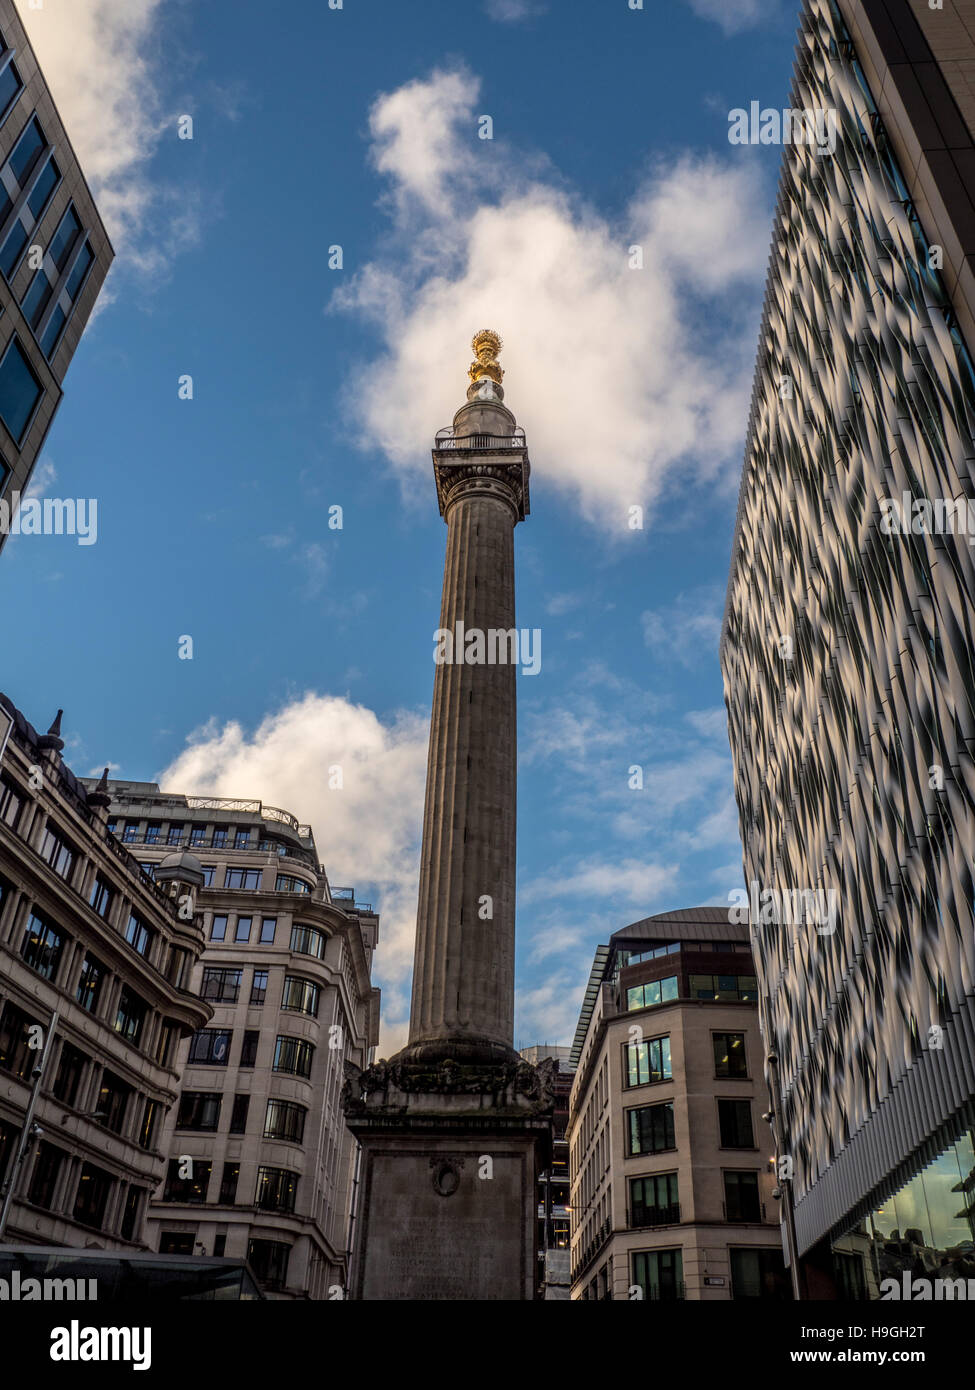 Denkmal für den großen Brand von London von Sir Christopher Wren, London, UK. Stockbild